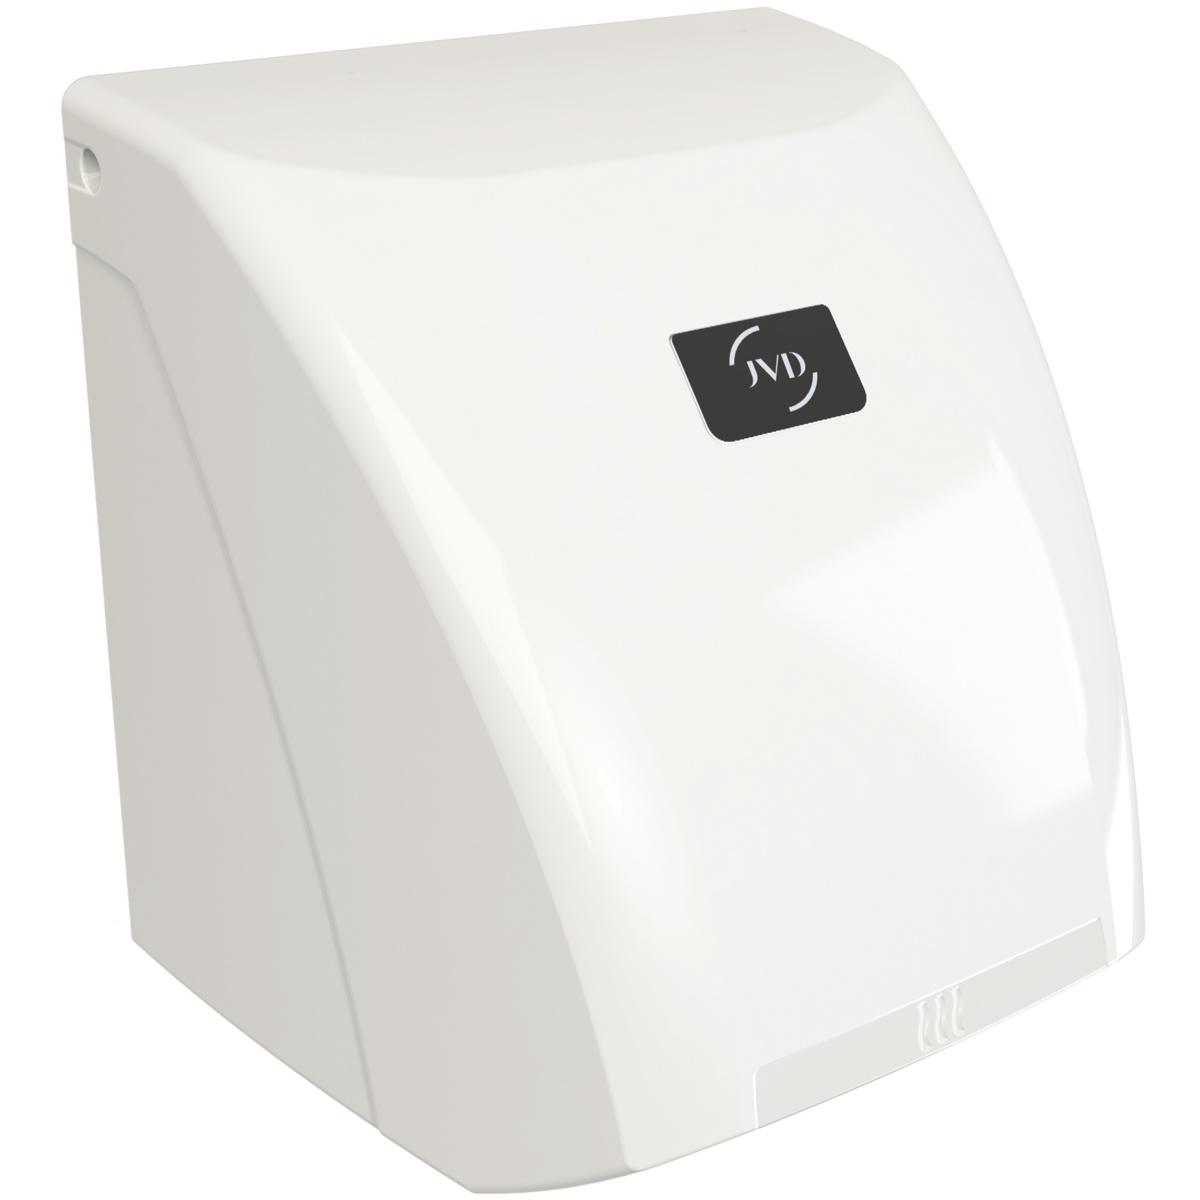 Sèche-mains blanc 2100 W Jvd